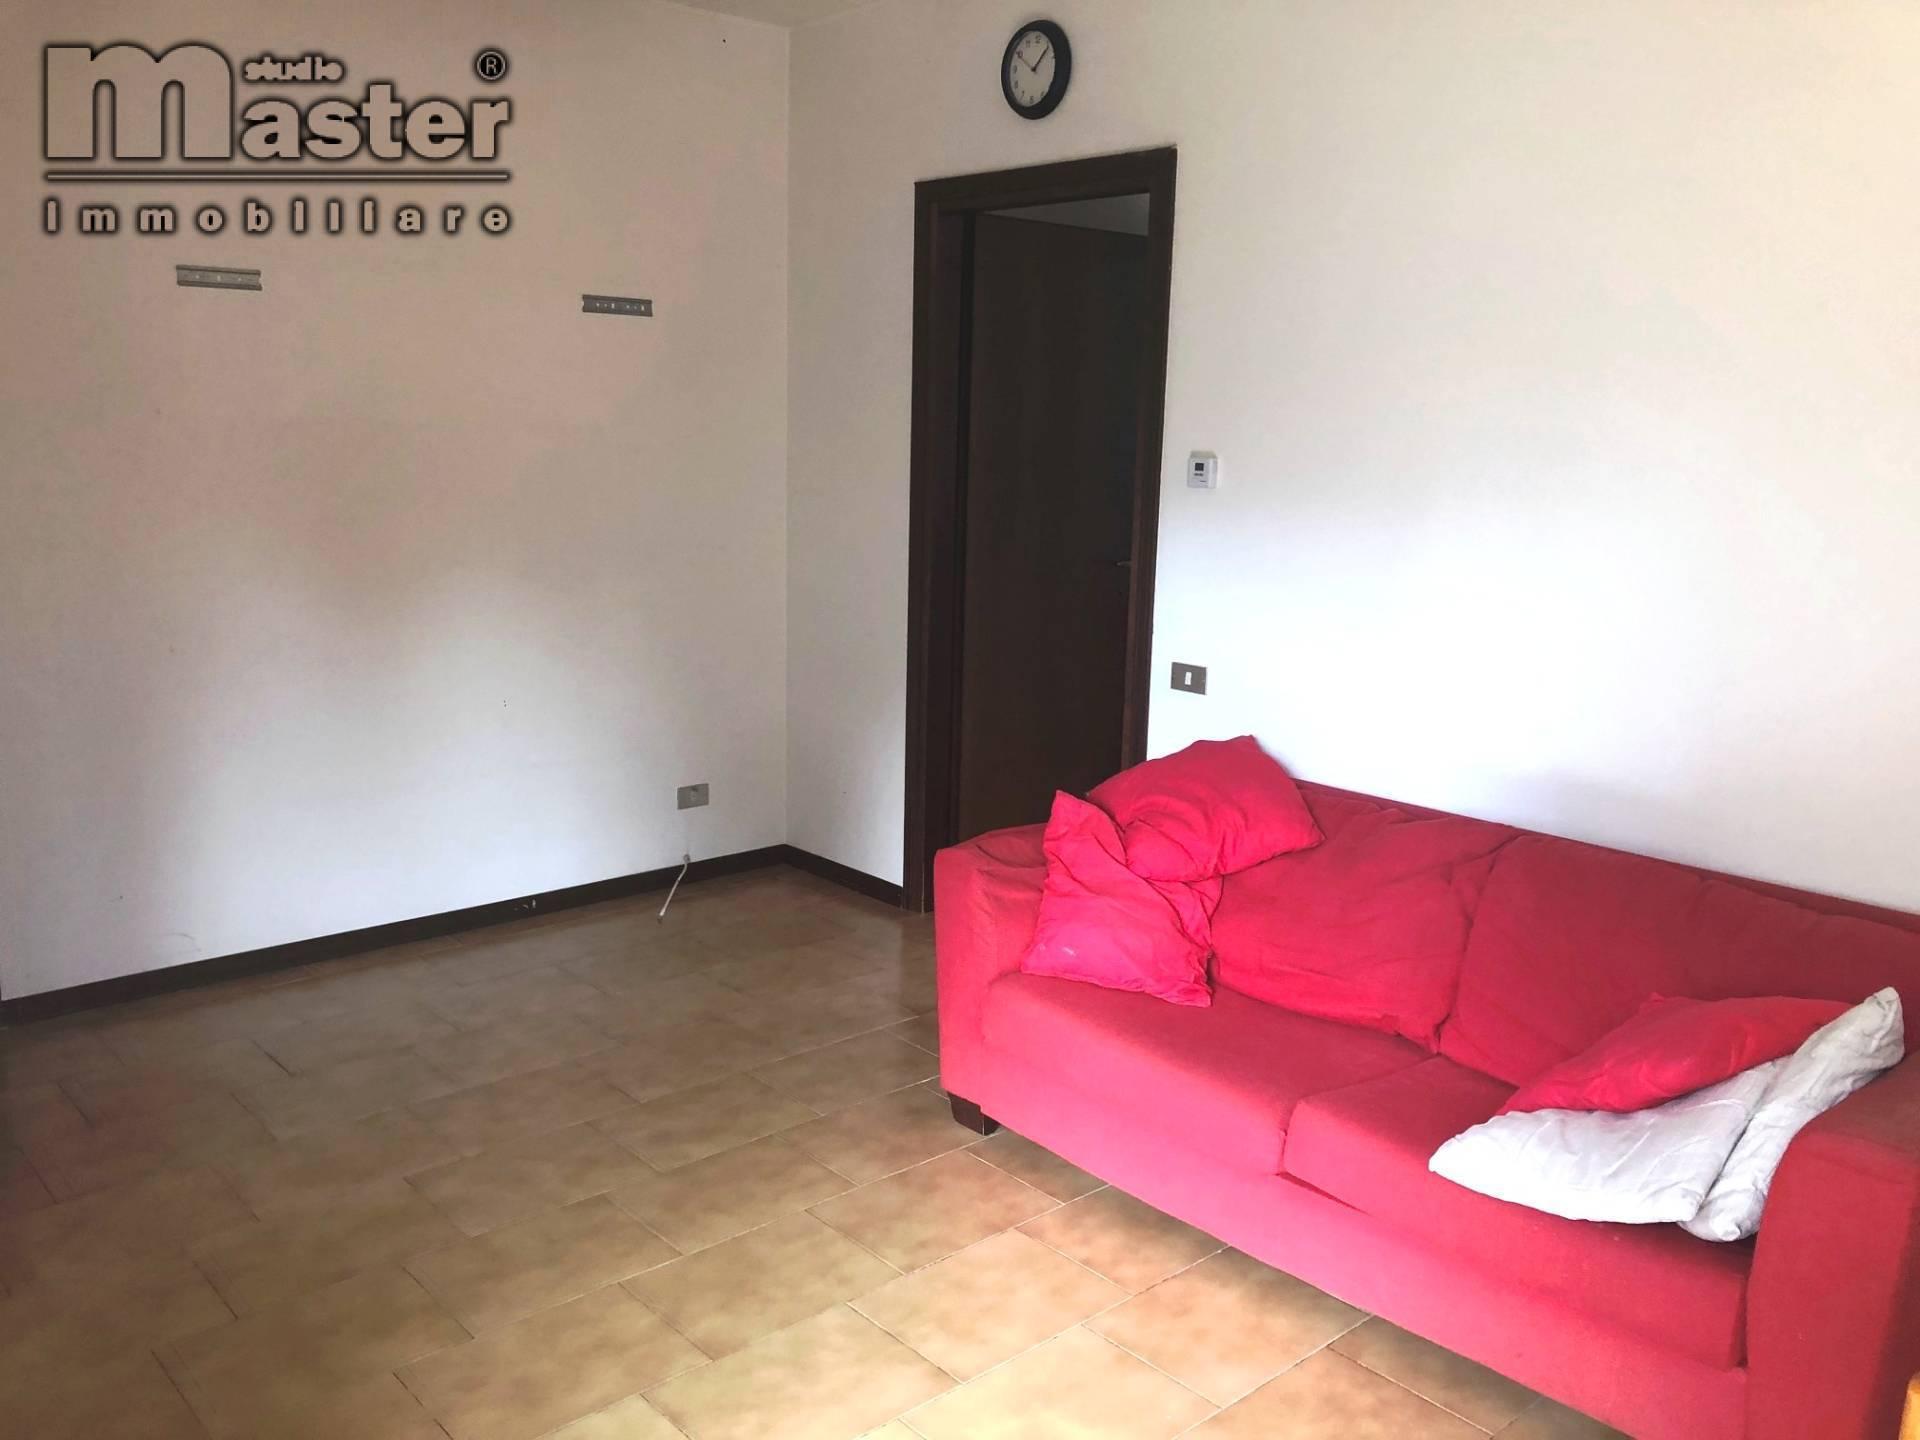 Appartamento in vendita a Paese, 3 locali, zona Località: Centro, prezzo € 50.000 | PortaleAgenzieImmobiliari.it